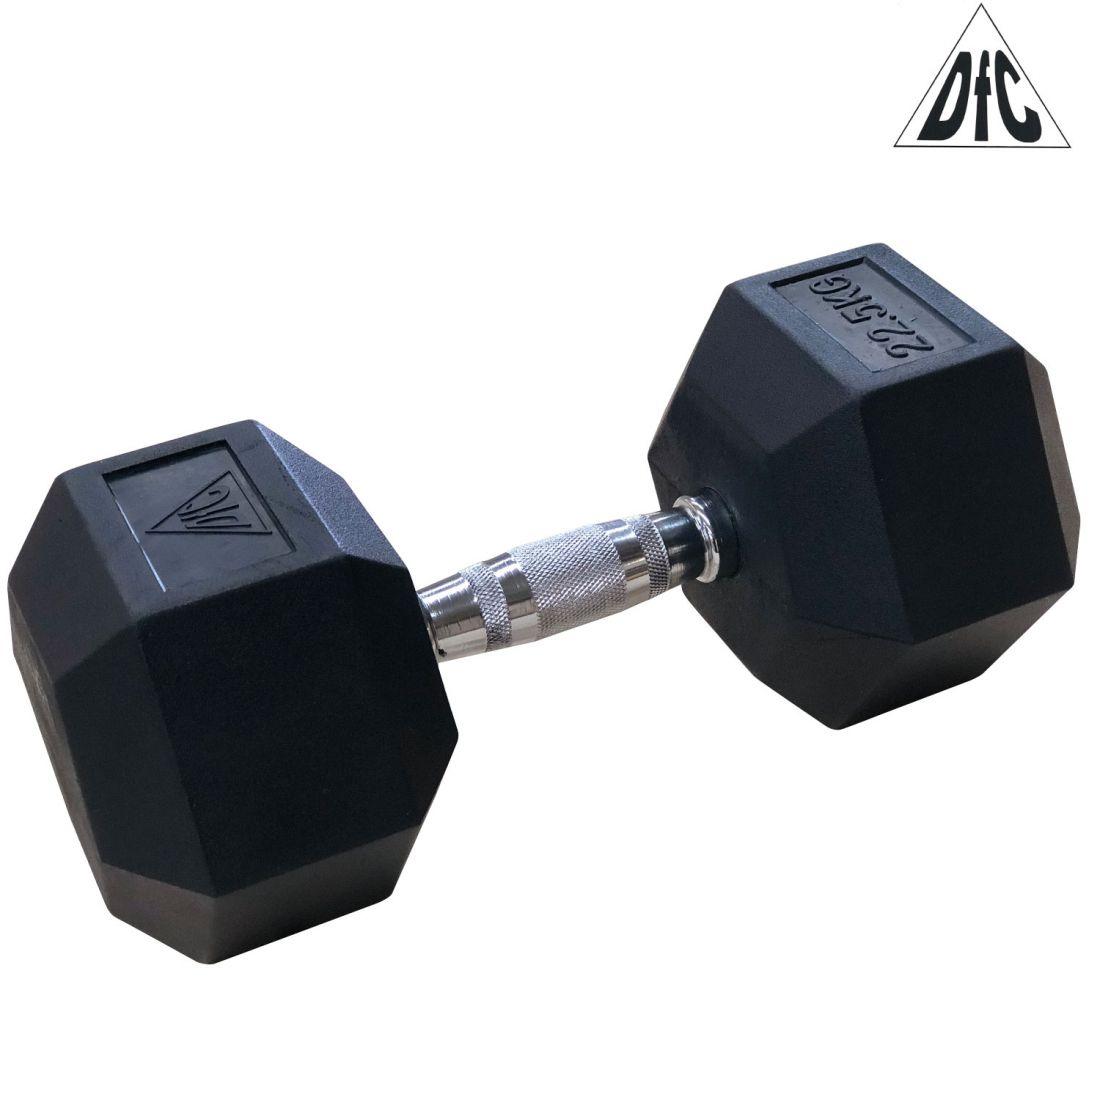 Гантели DFC гексаг. обрезиненная пара 22.5 кг DB001-22.5